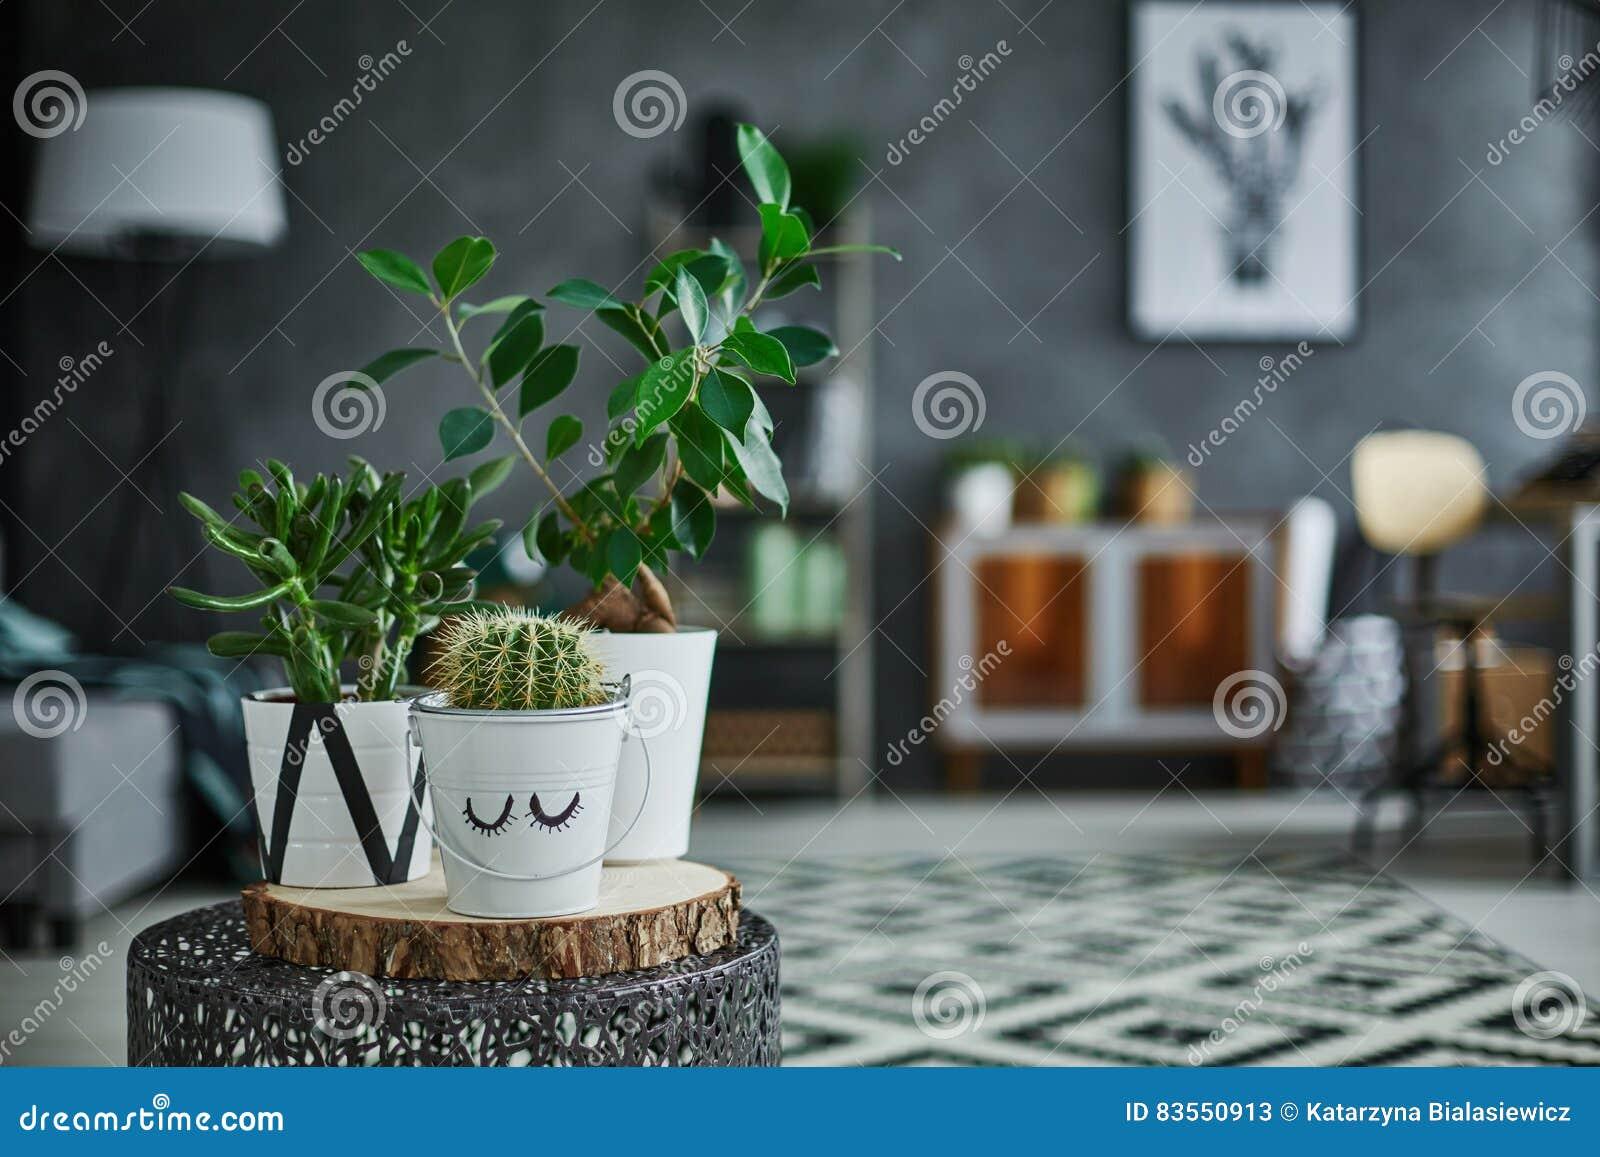 Dekoracyjny zielony houseplant w garnku